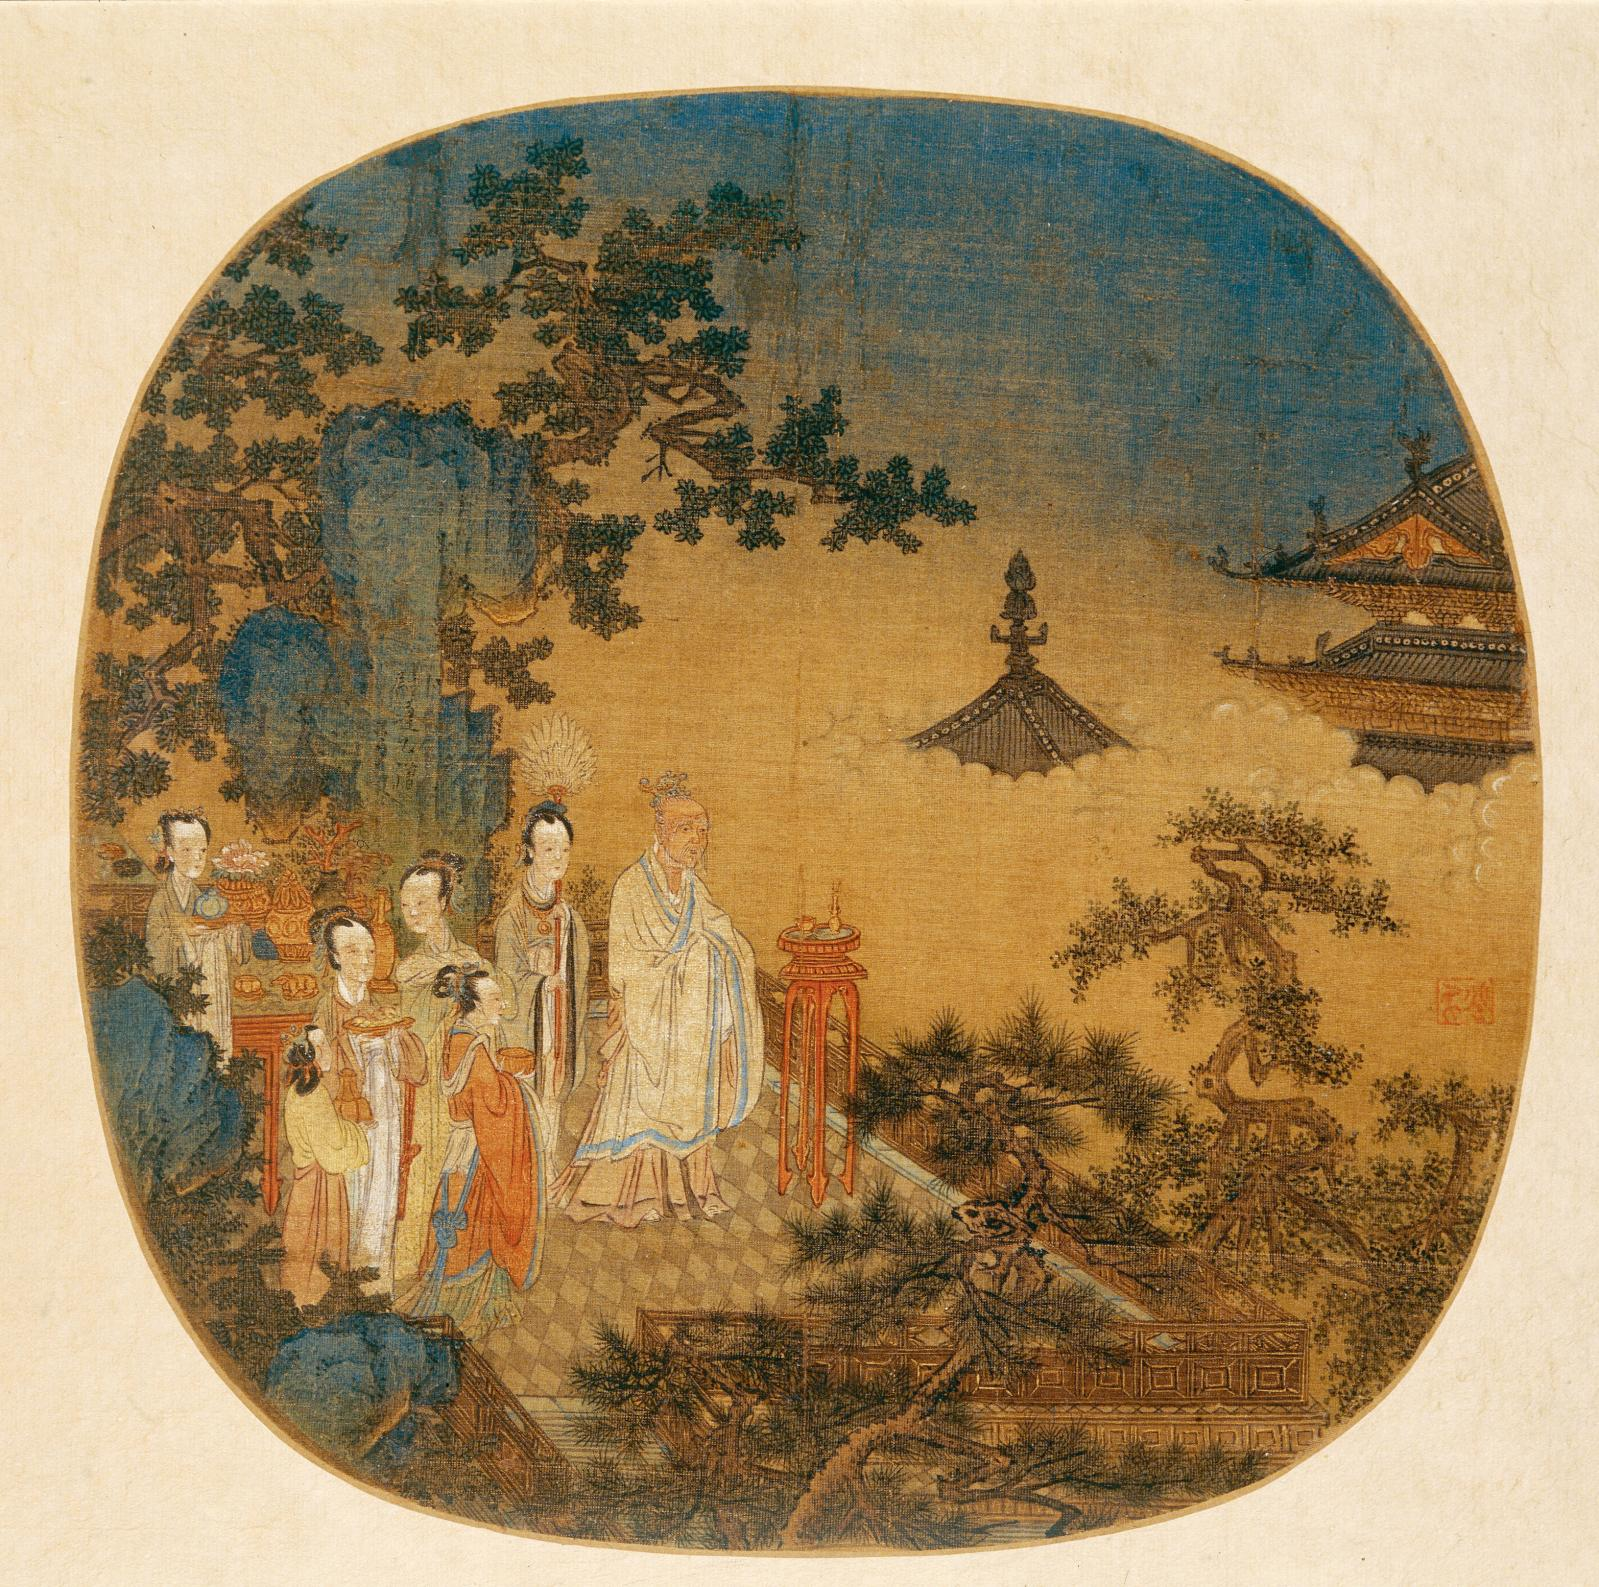 Peinture représentant la consumation de l'encens, anonyme, éventail circulaire en soie, 24x43cm, dynastie des Yuan (XIIIesiècle-XIVesiècle), mu